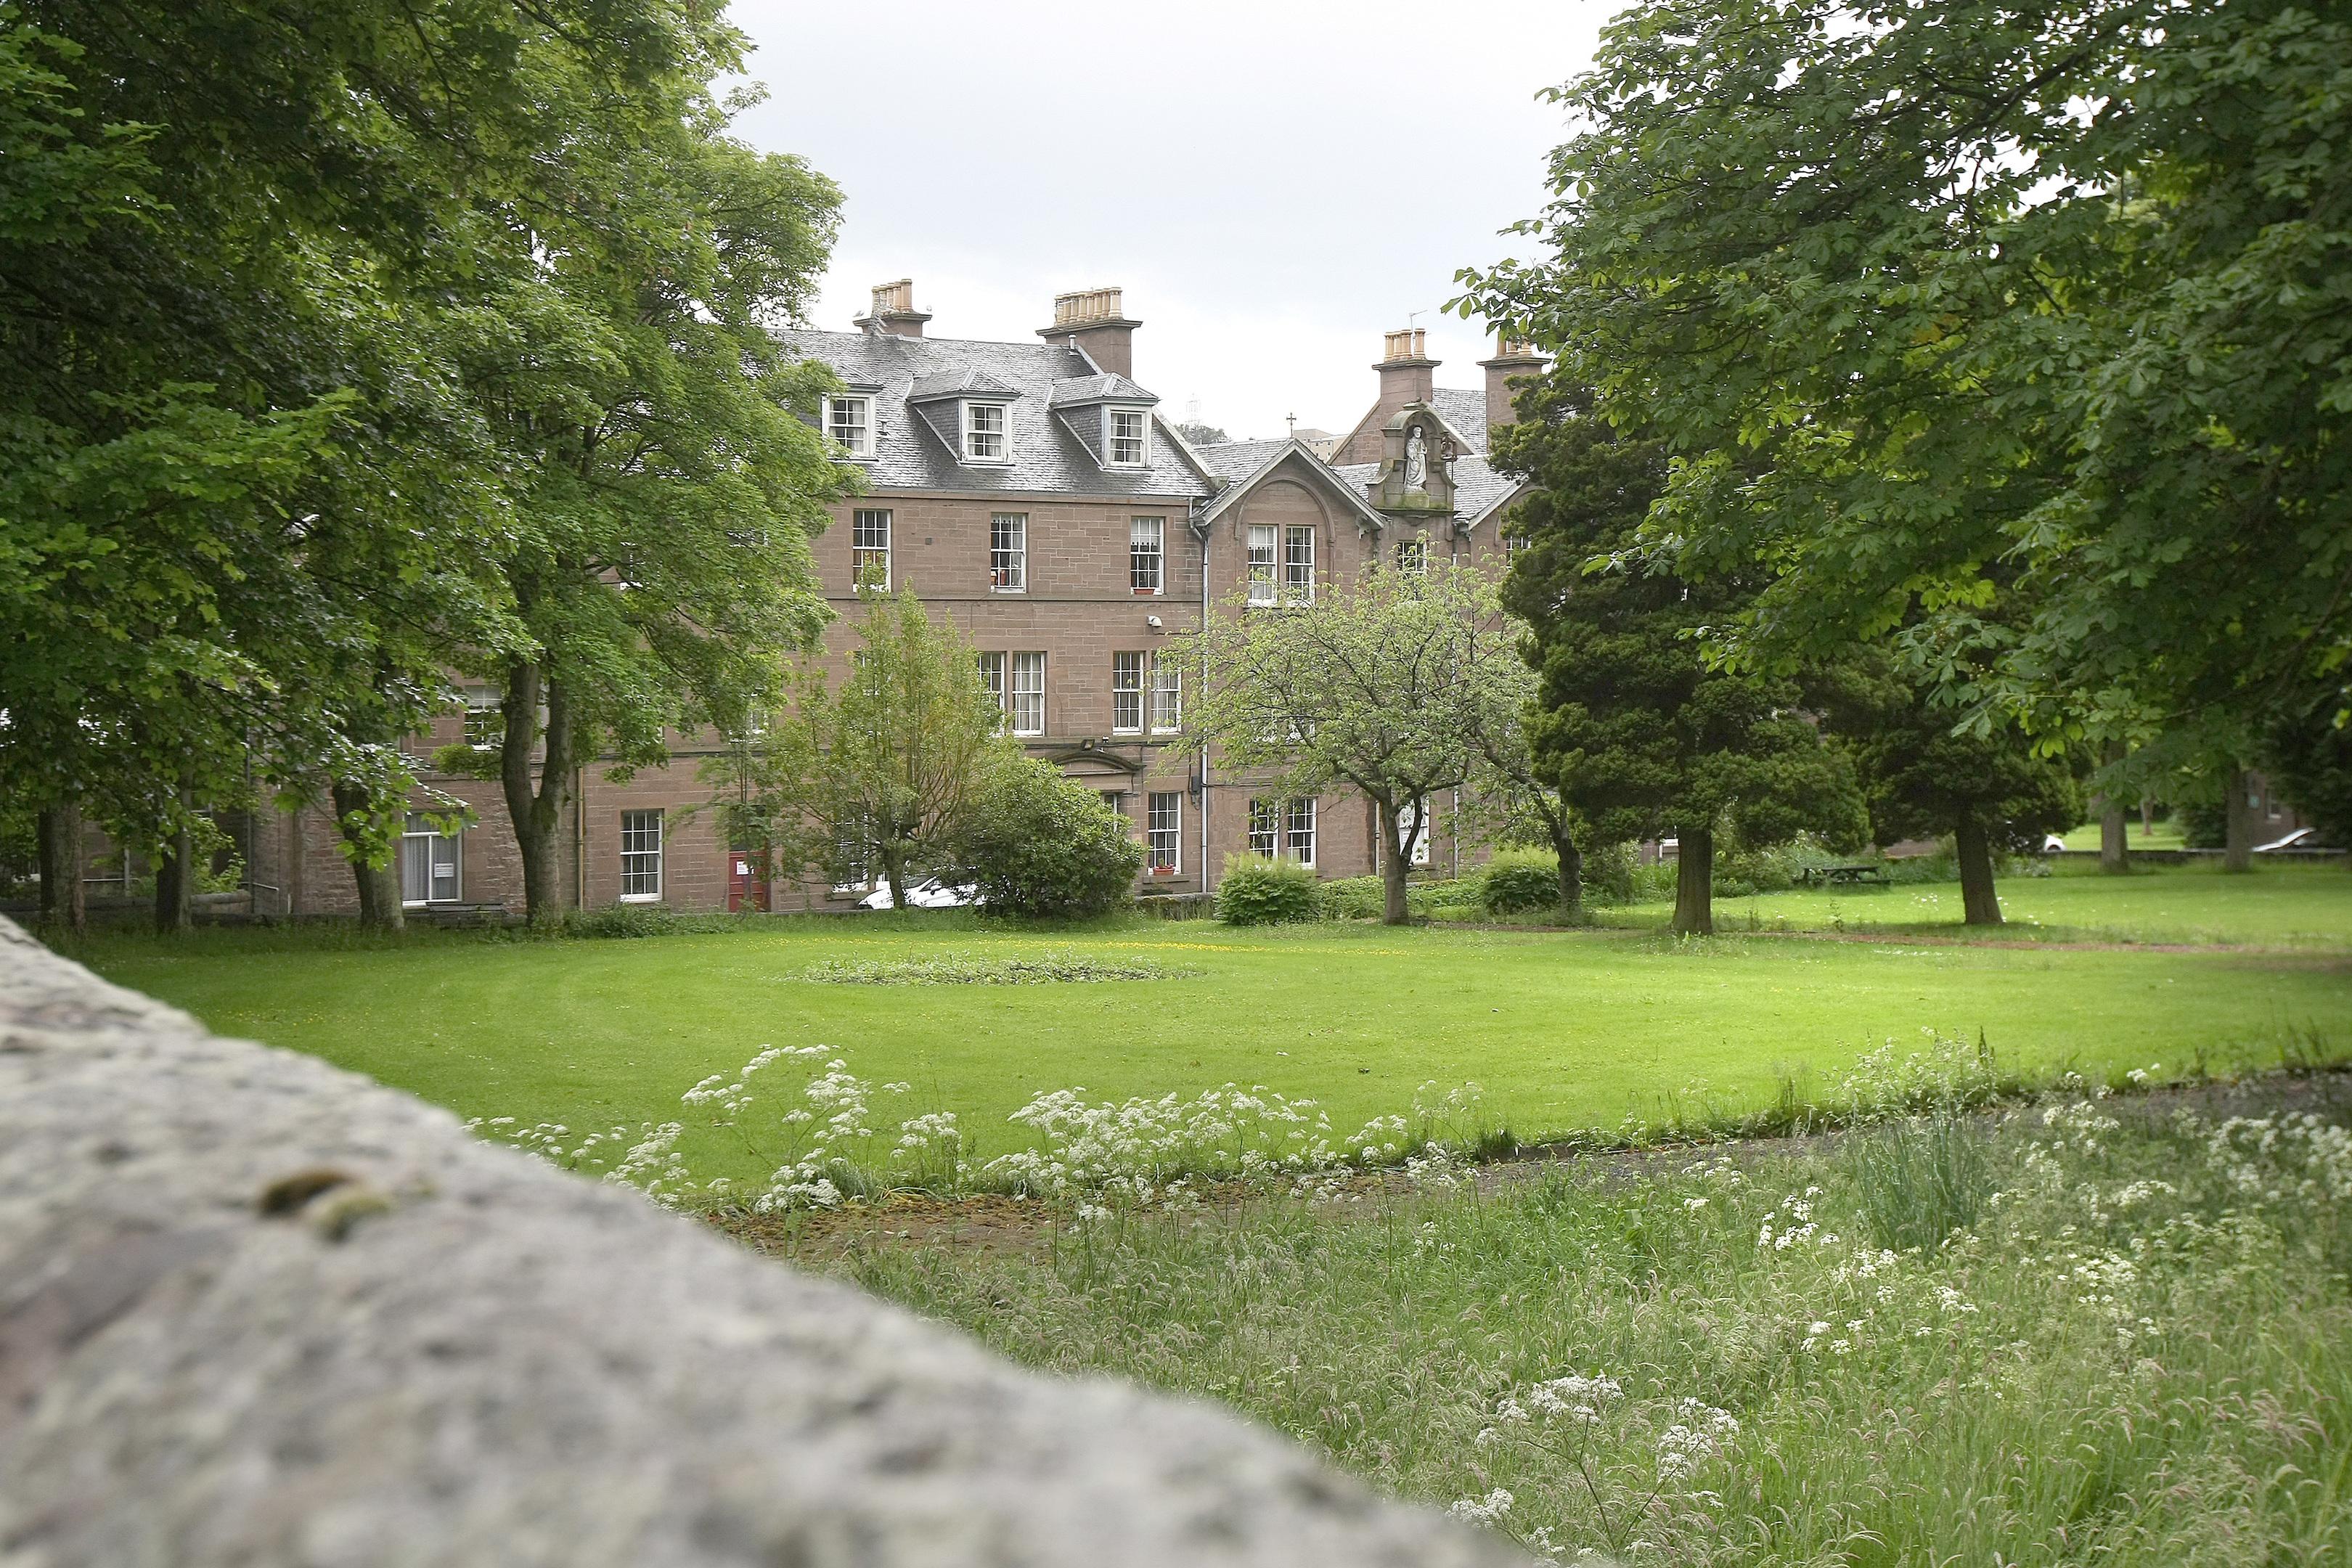 Wellburn House.